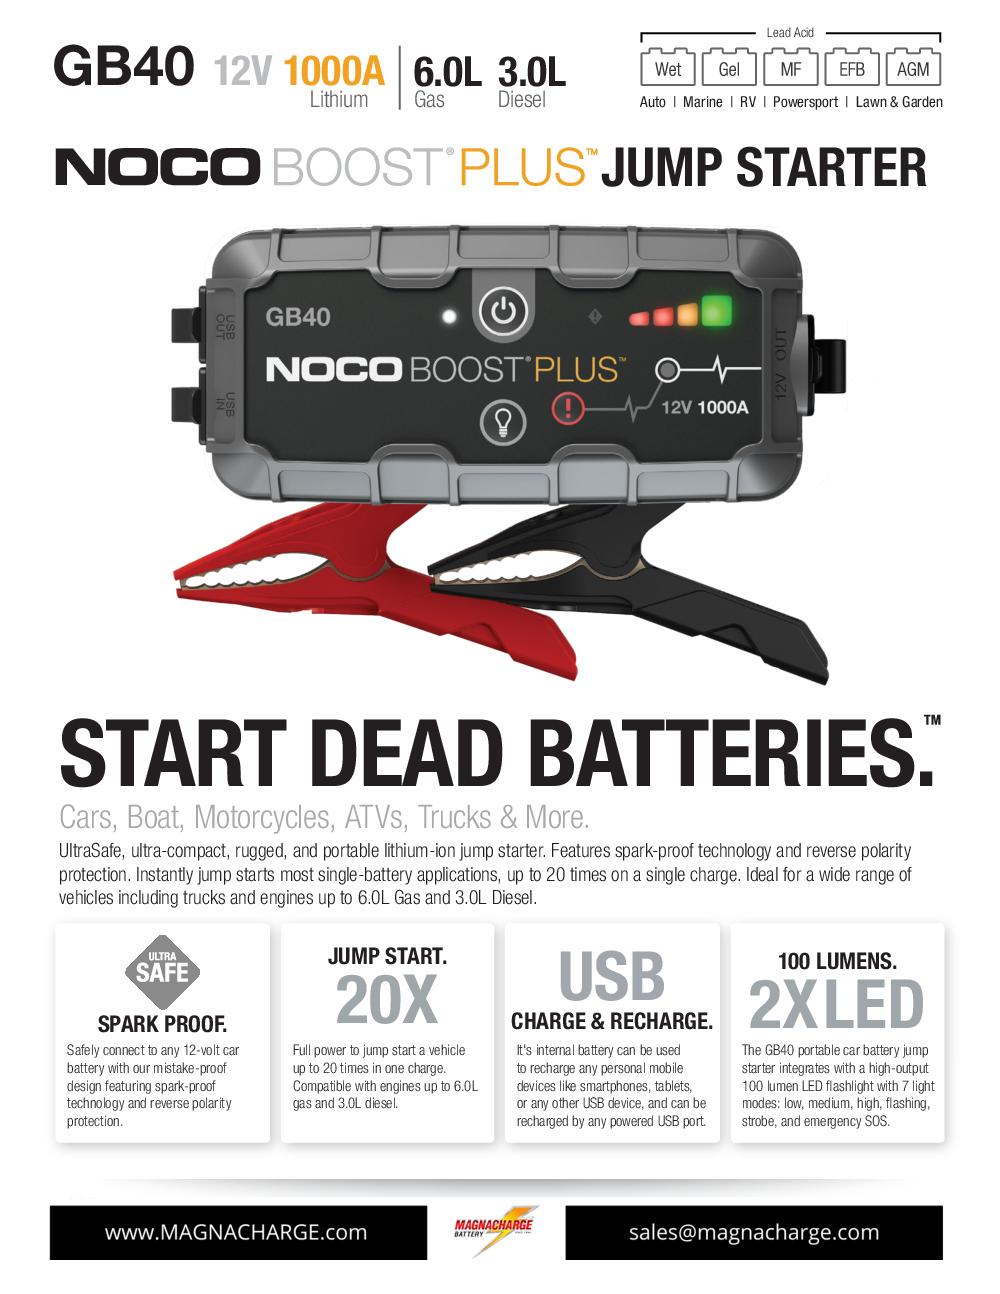 NOCO GB40 - EDITED